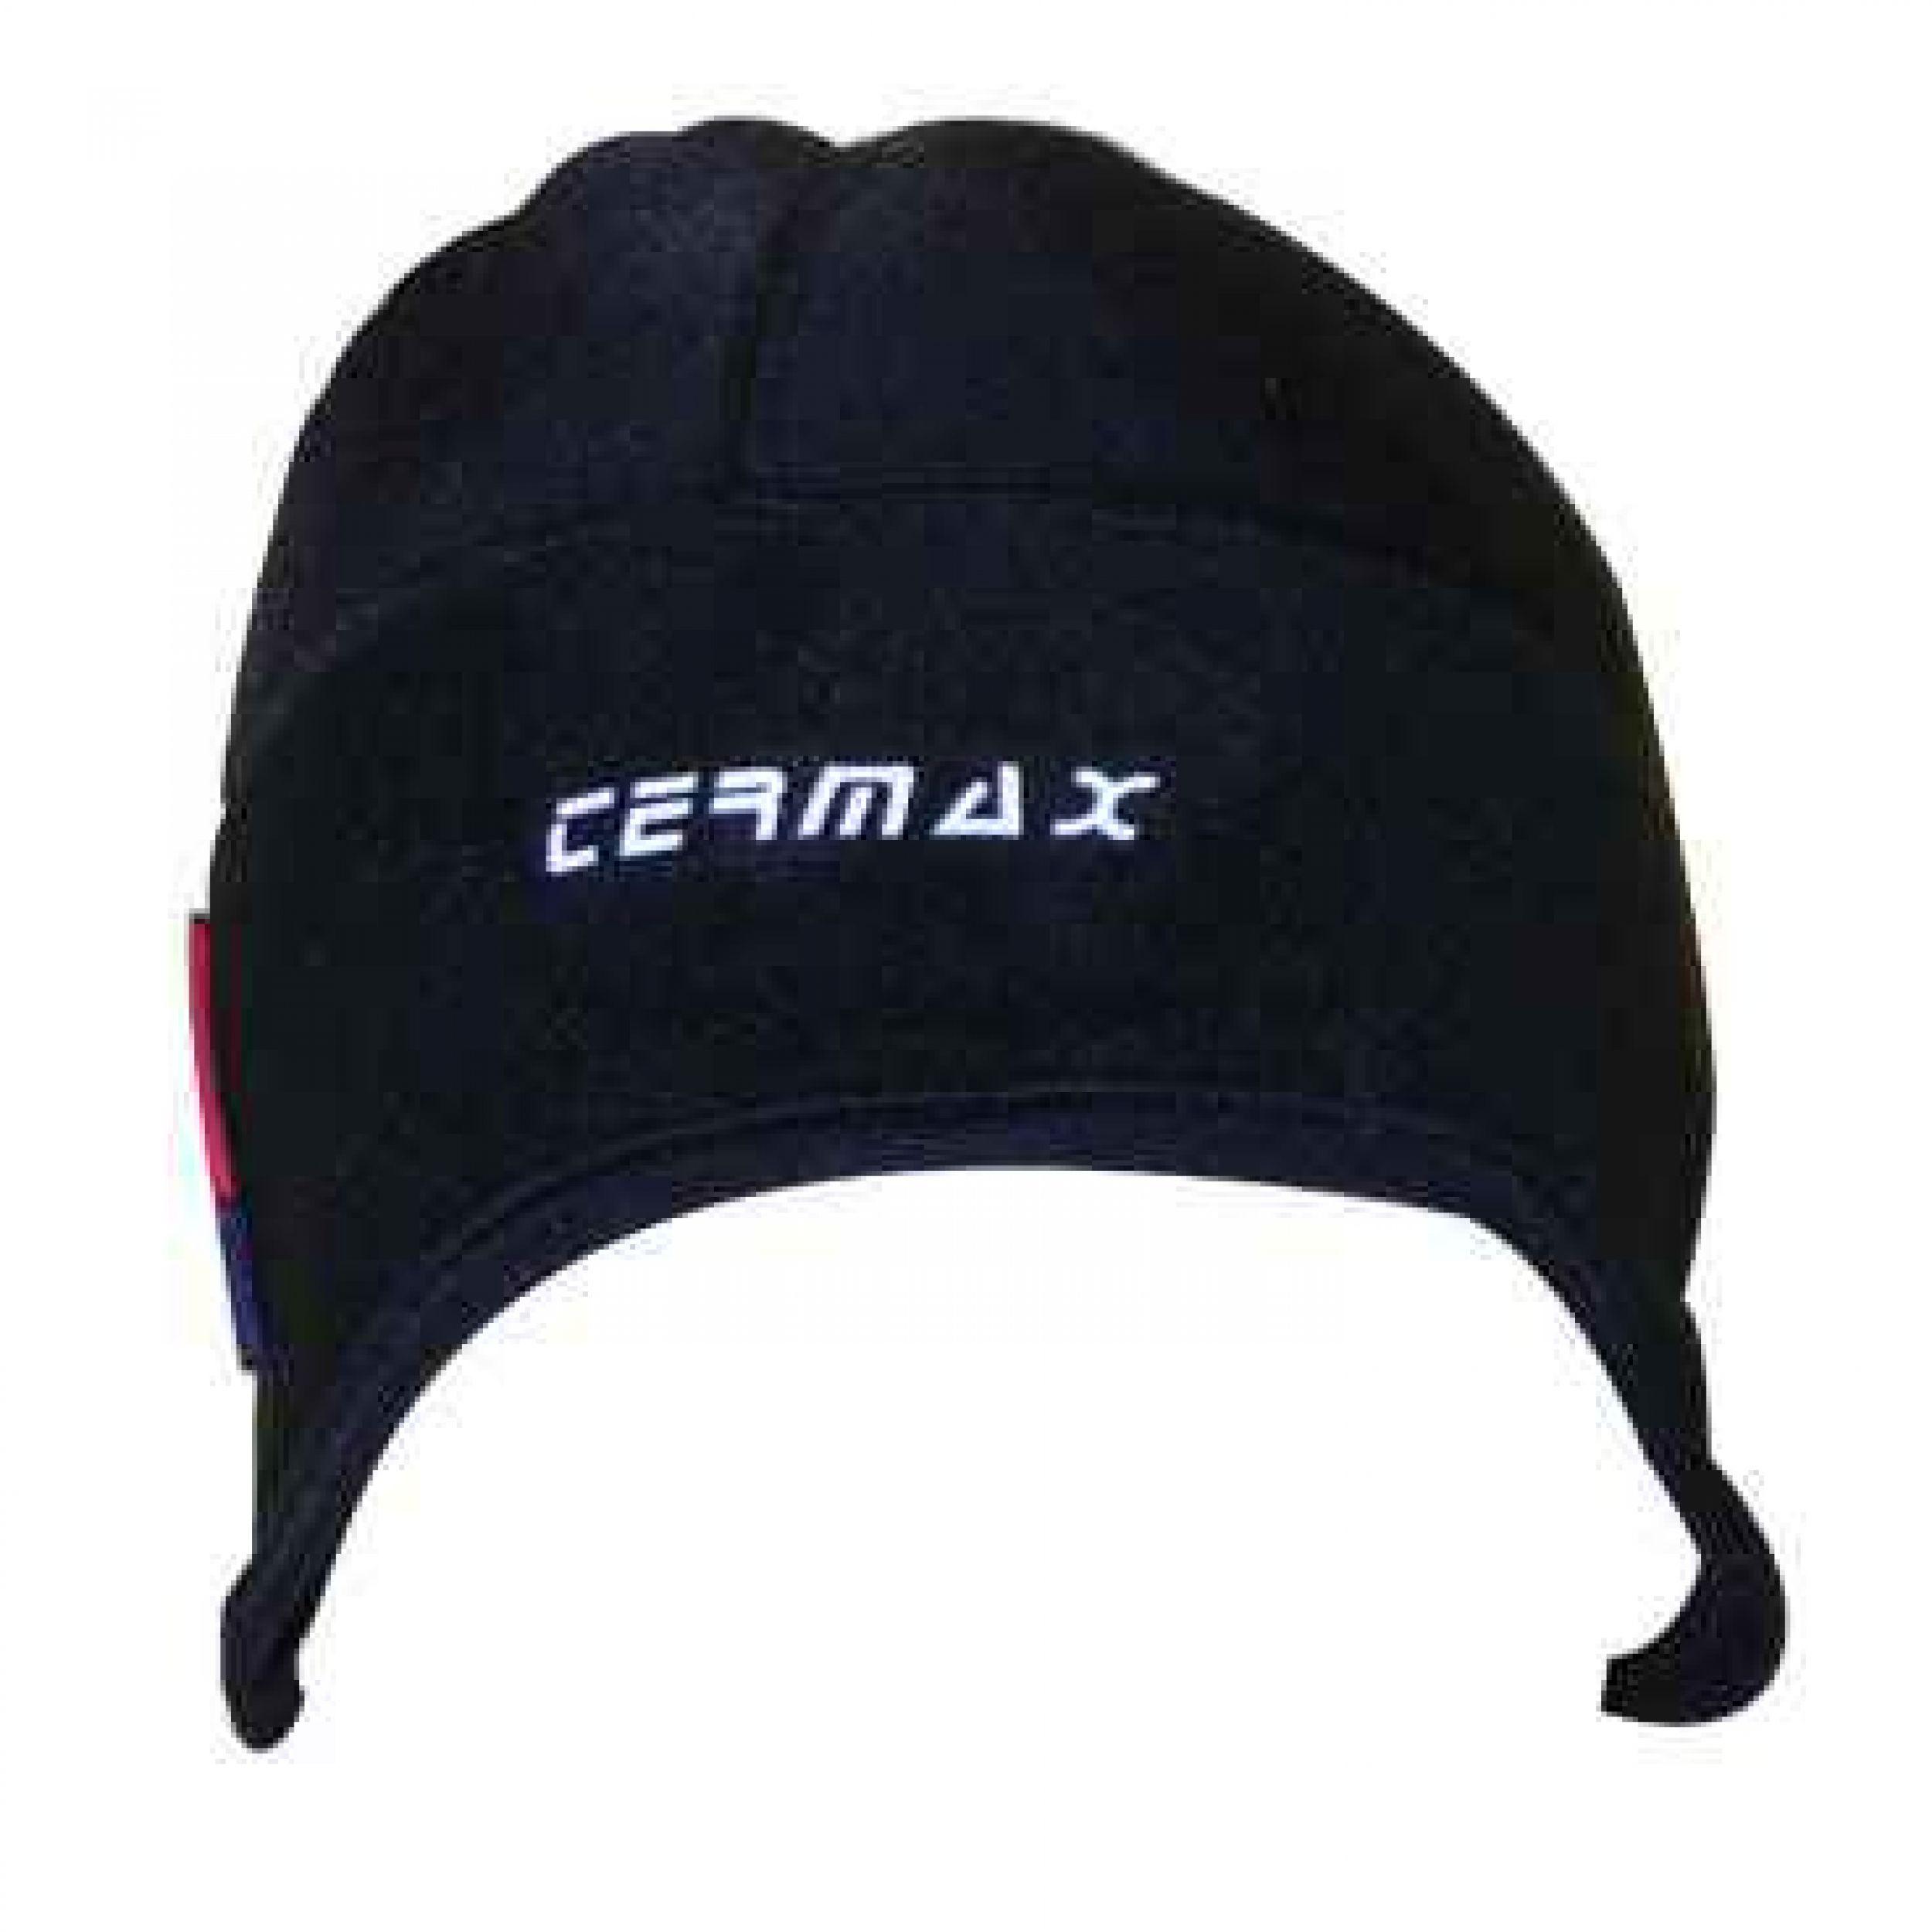 termax.jpg